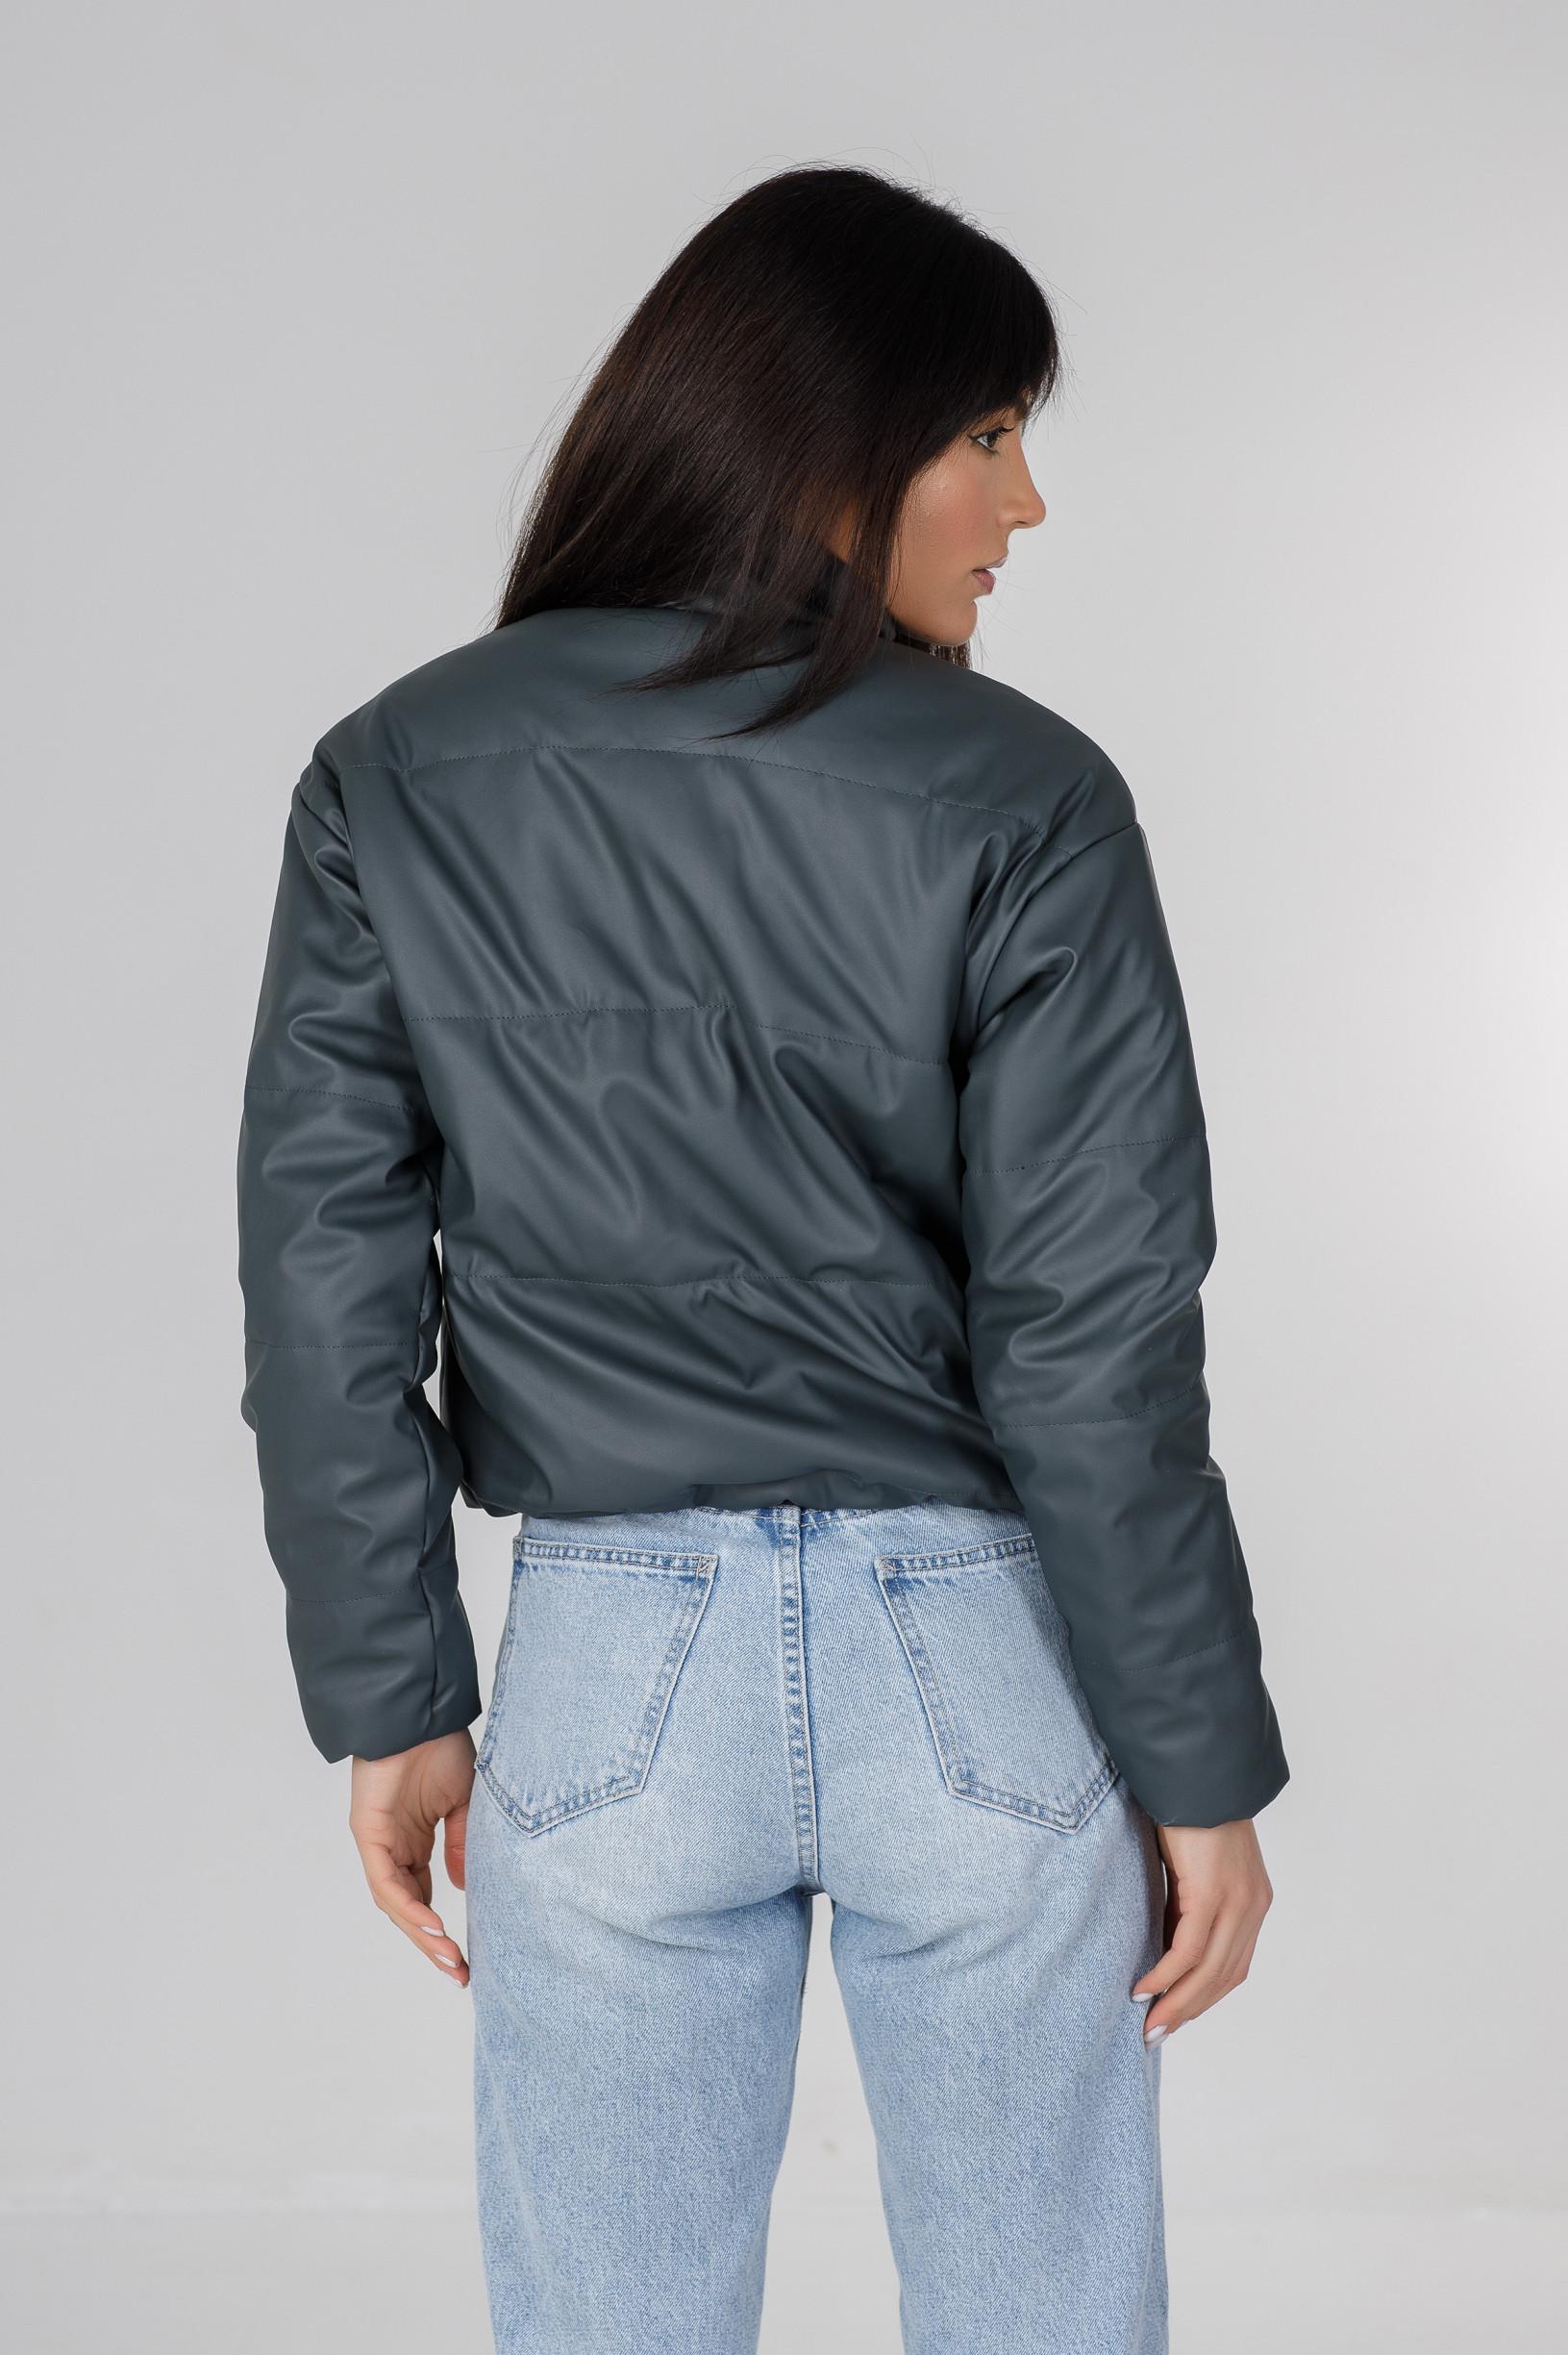 Стильная синяя куртка из эко-кожи Харви